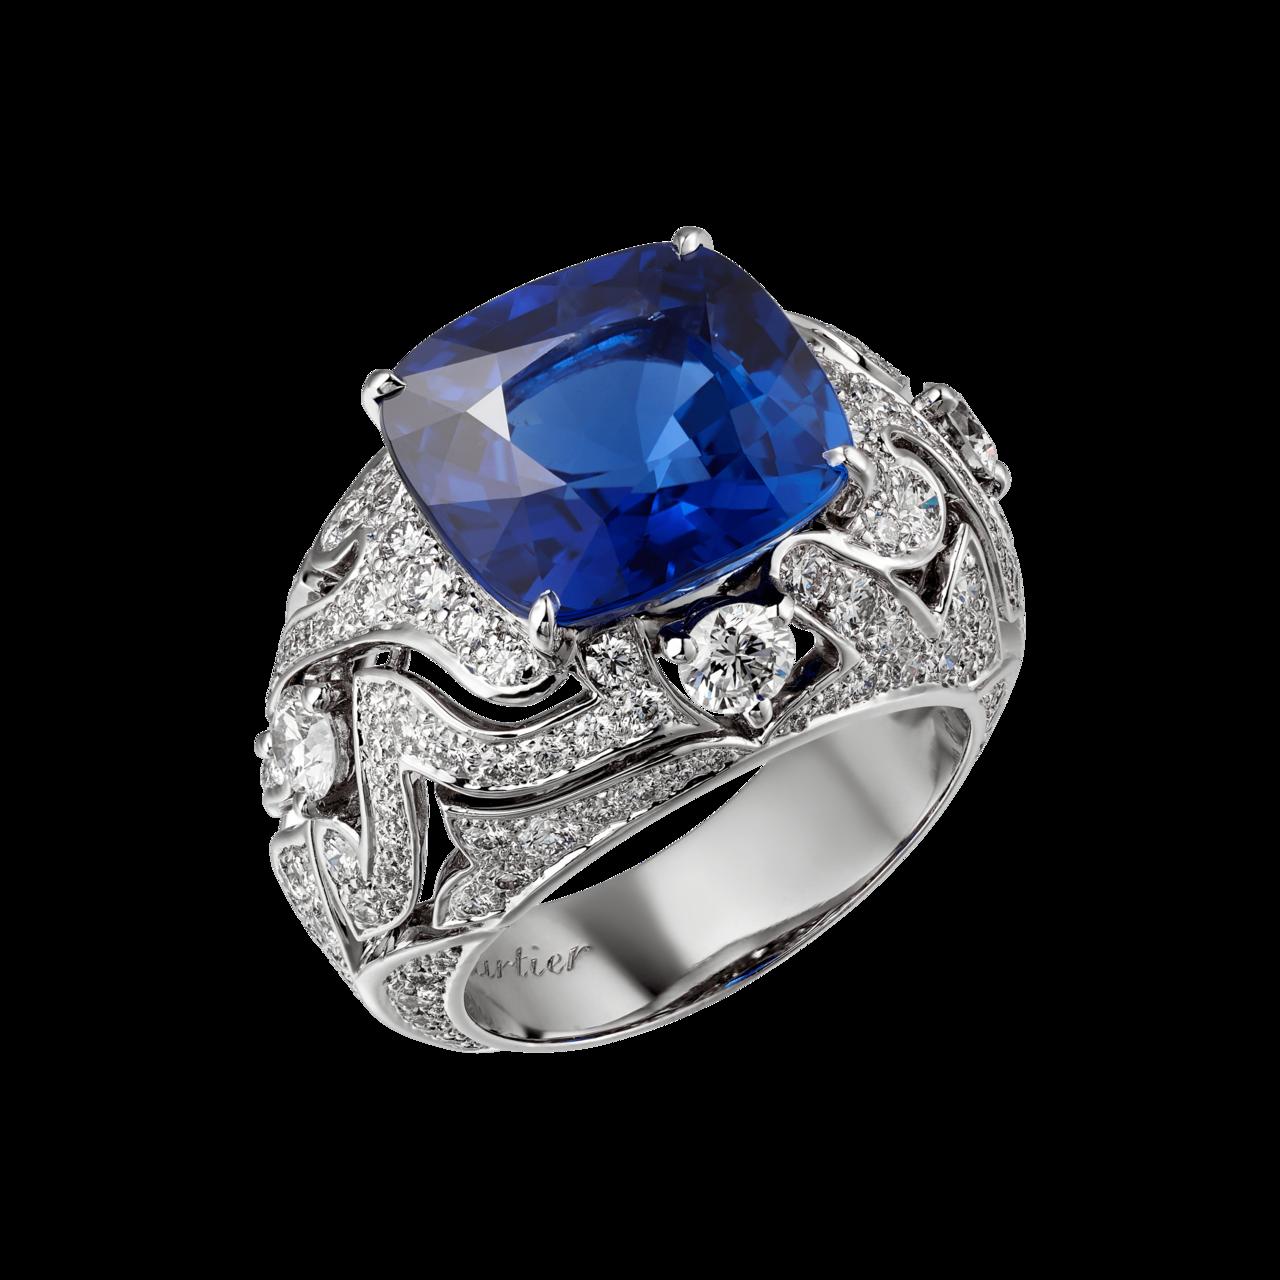 卡地亞頂級珠寶系列藍寶石鑲鑽戒指,鉑金鑲嵌 10.68 克拉的斯里蘭卡藍寶石主石...